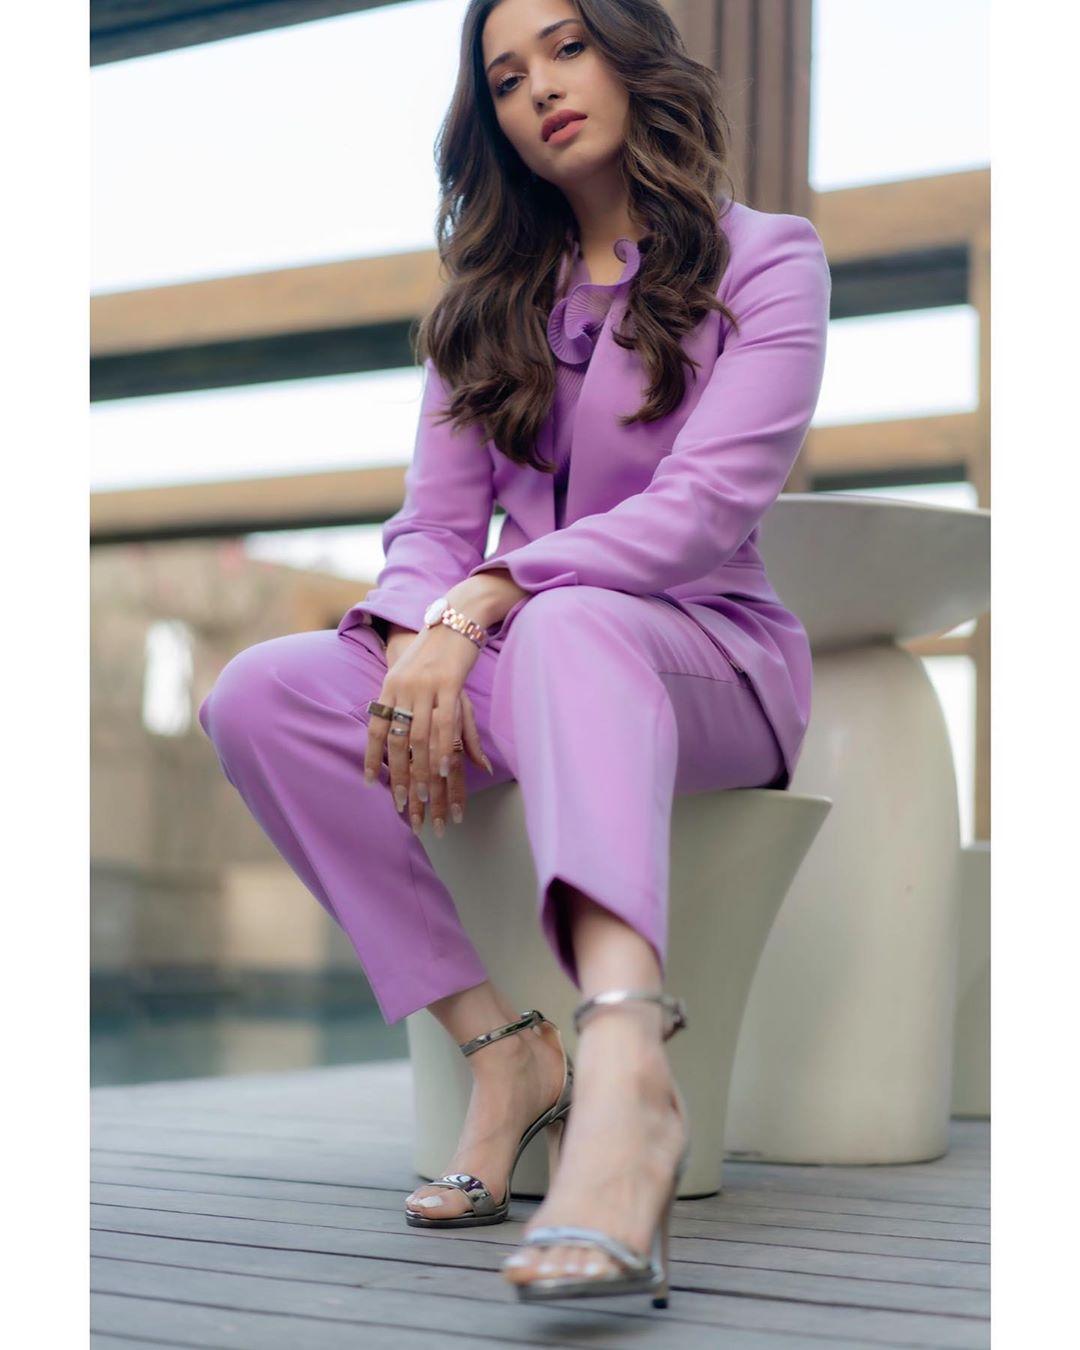 Baahubali Actress Tamannaah Bhatia